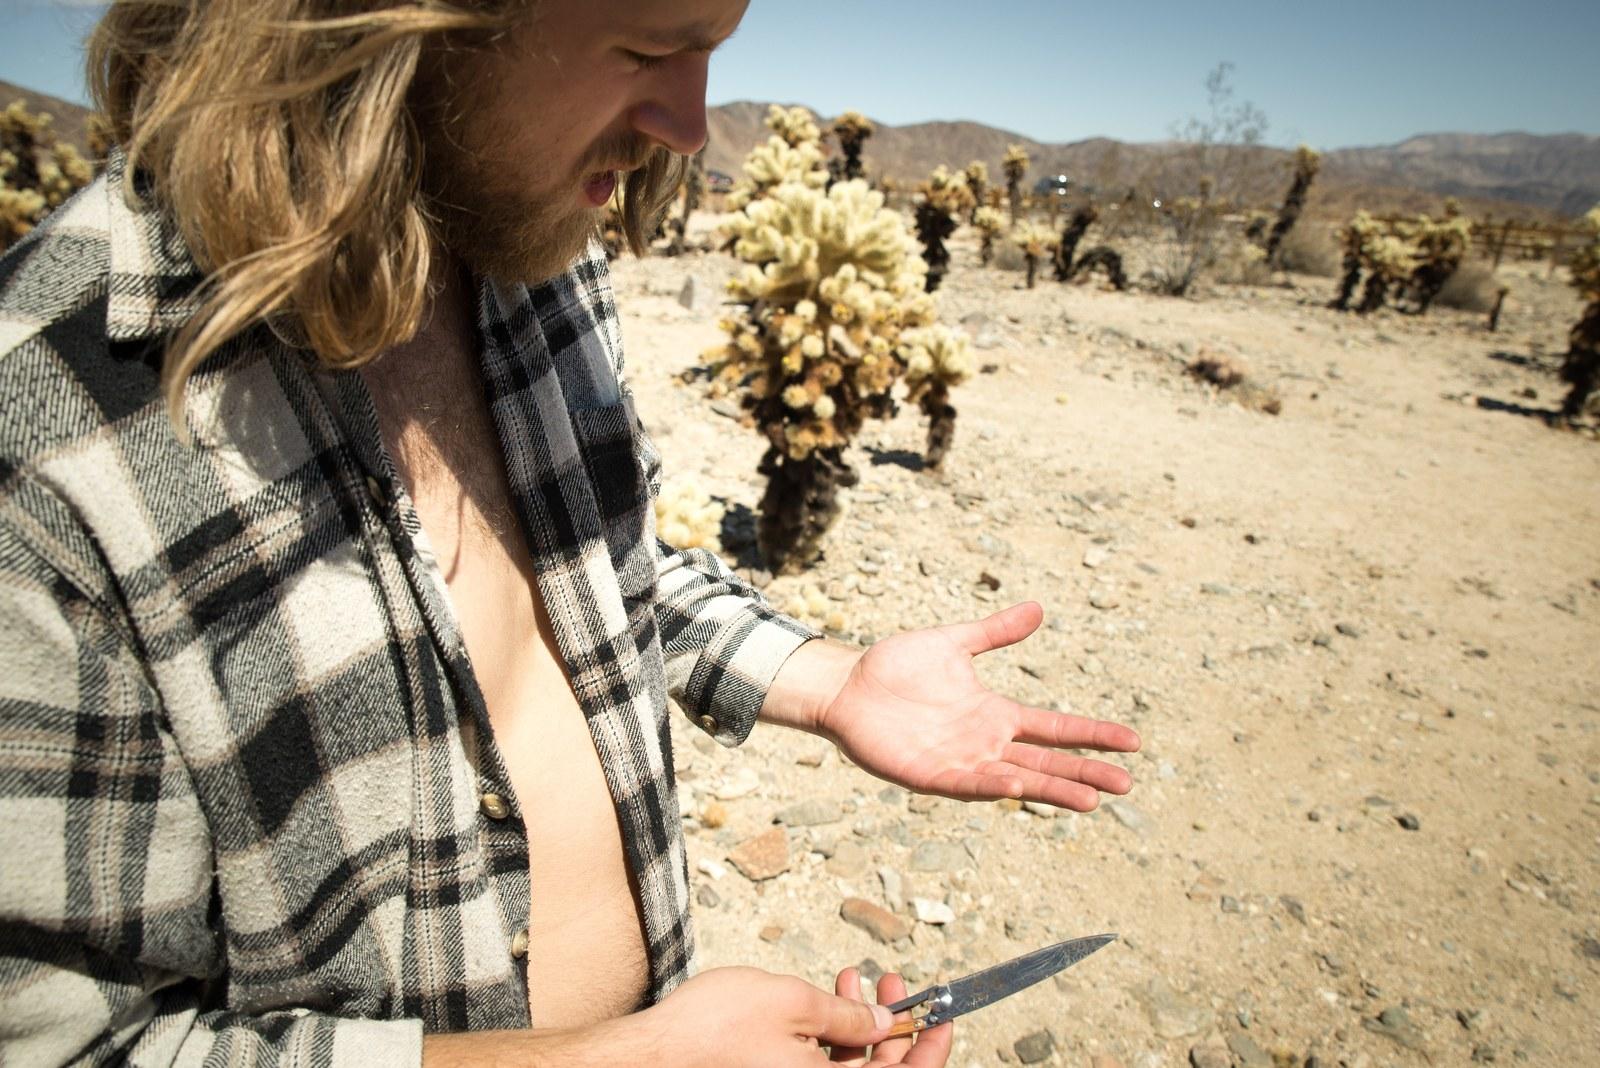 Richard qui s'est planté des épines de cactus  Joshua Tree